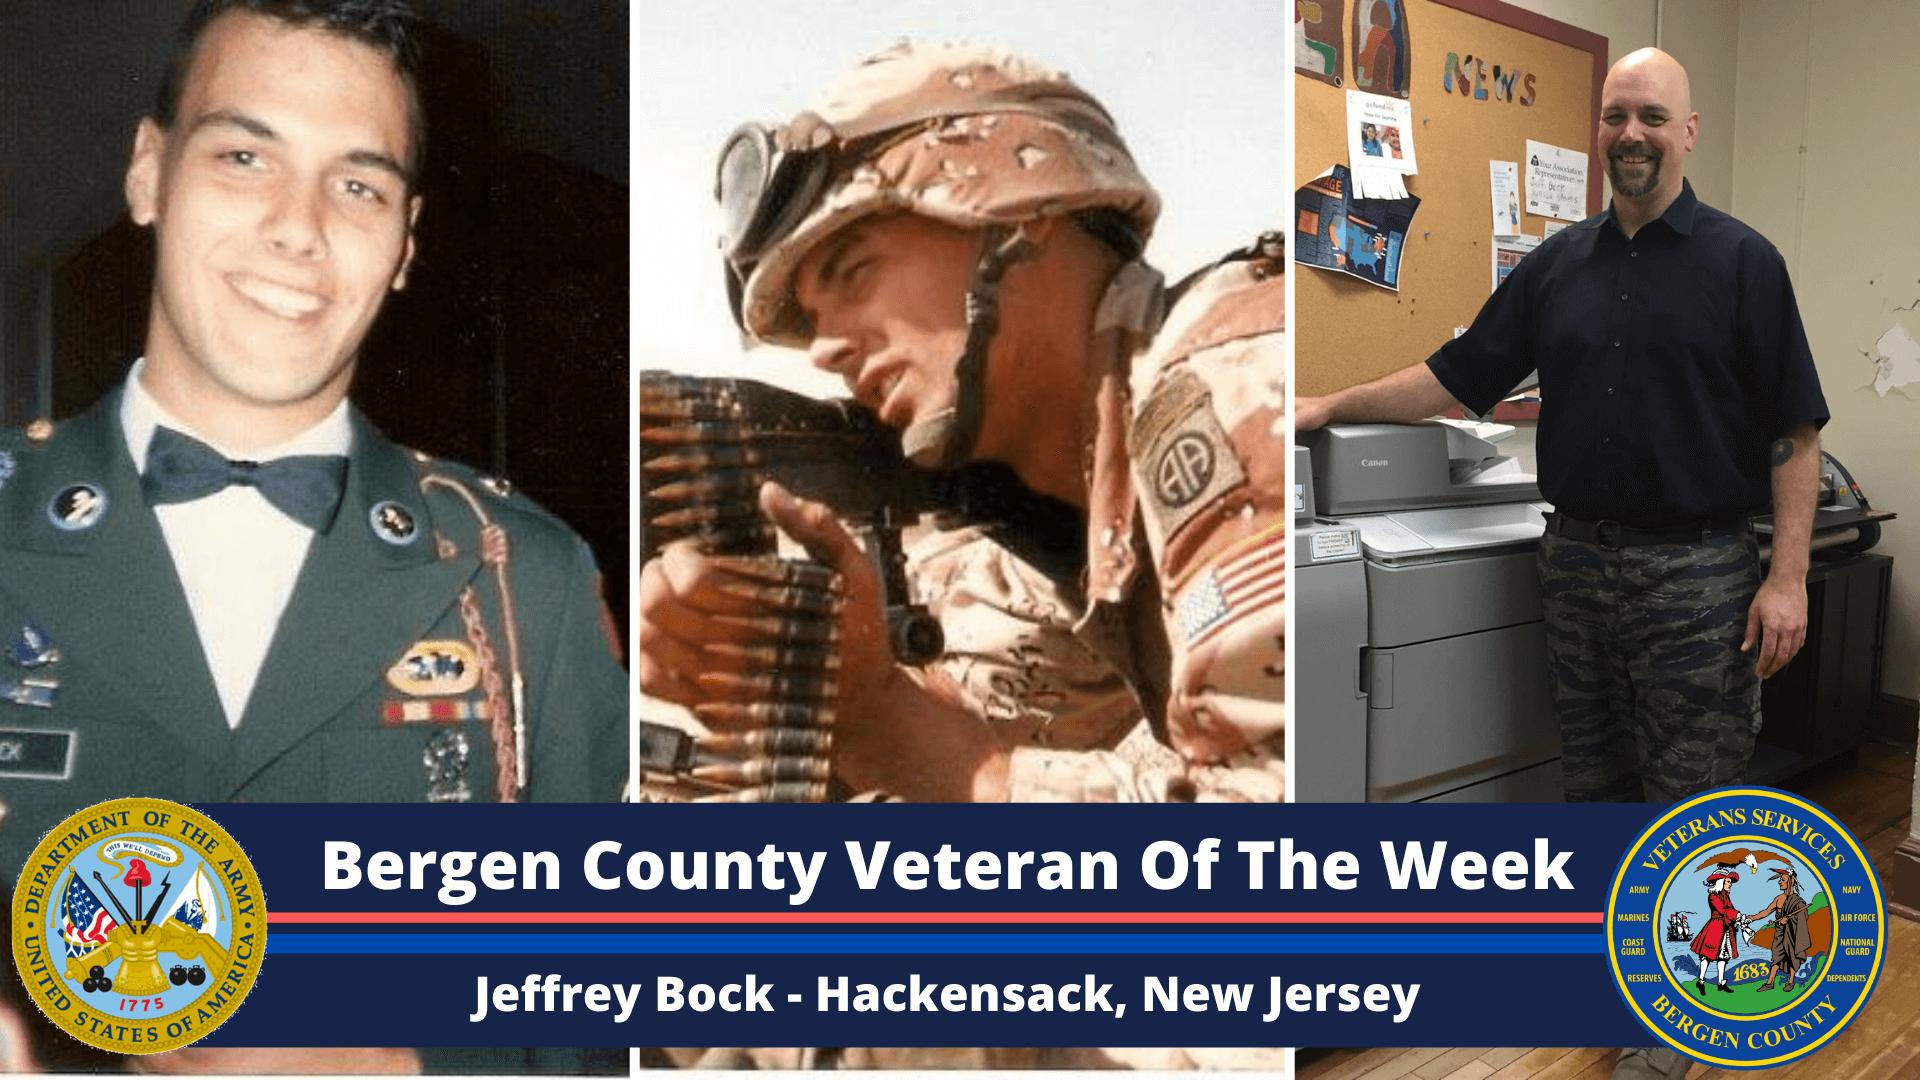 Bergen County Veteran of the Week: Jeffrey Bock